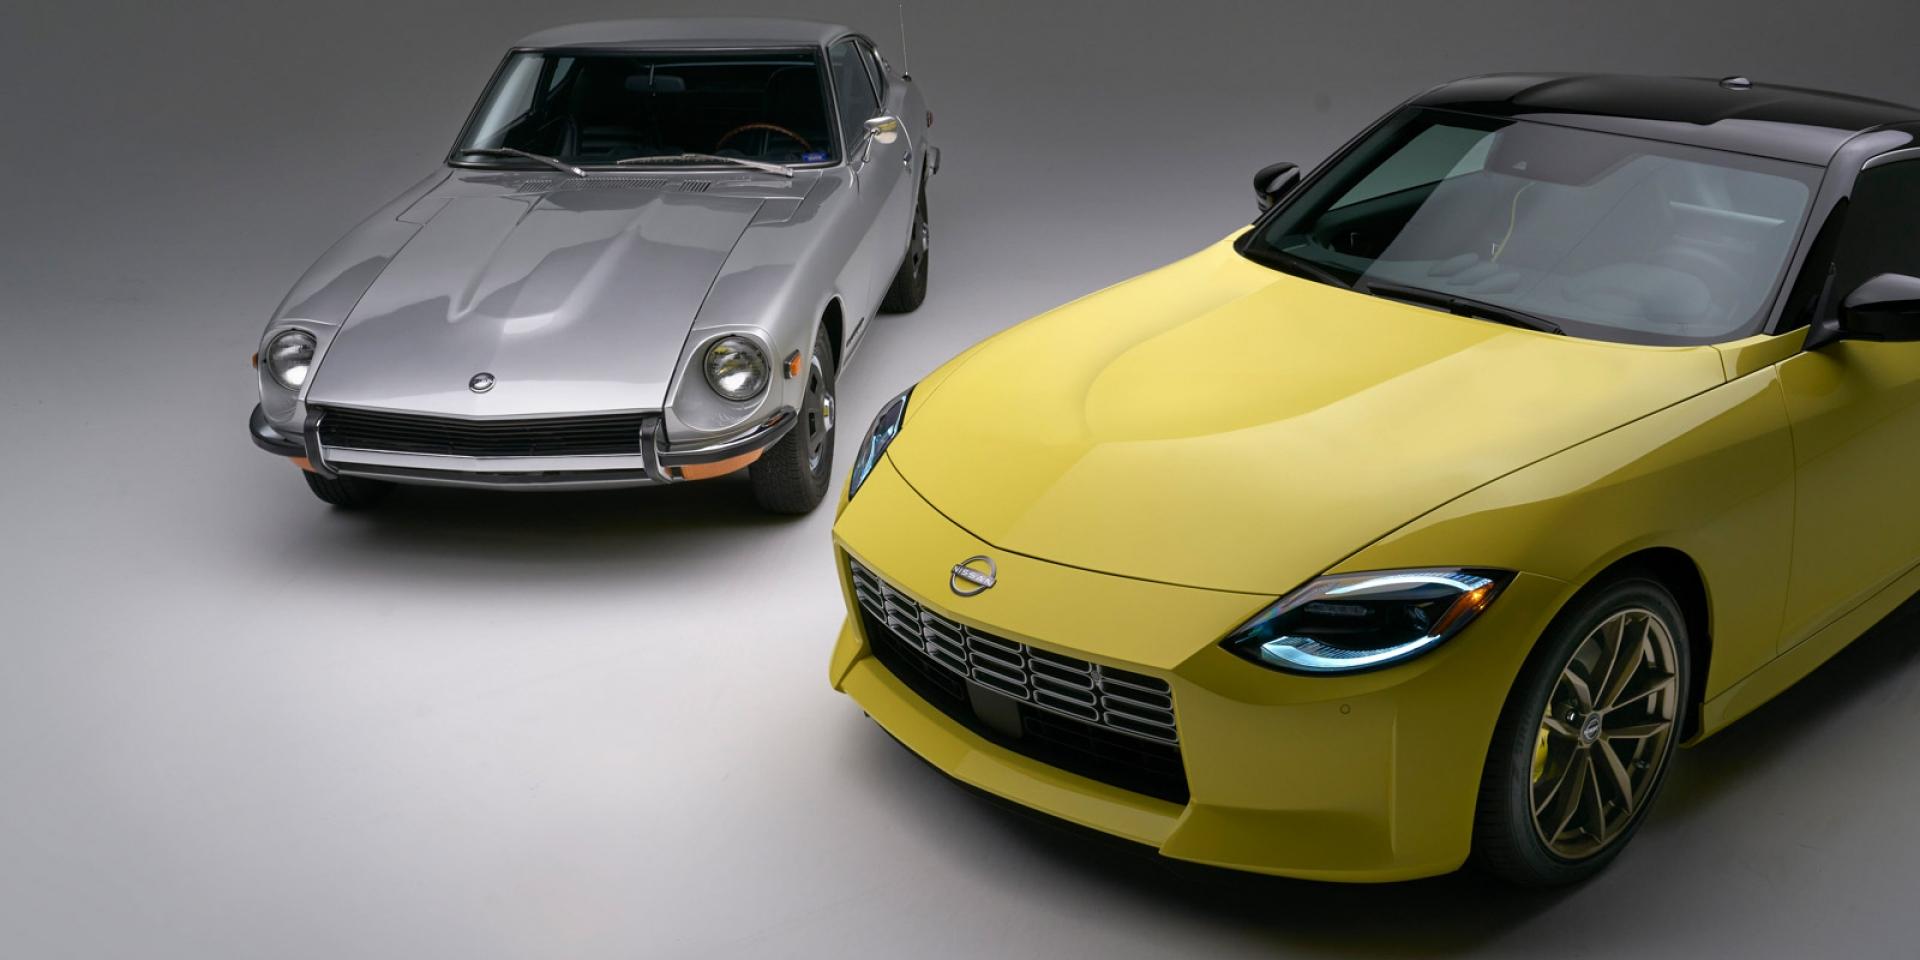 經典外型 6速手排 400匹!全新大改款Nissan Z正式發表